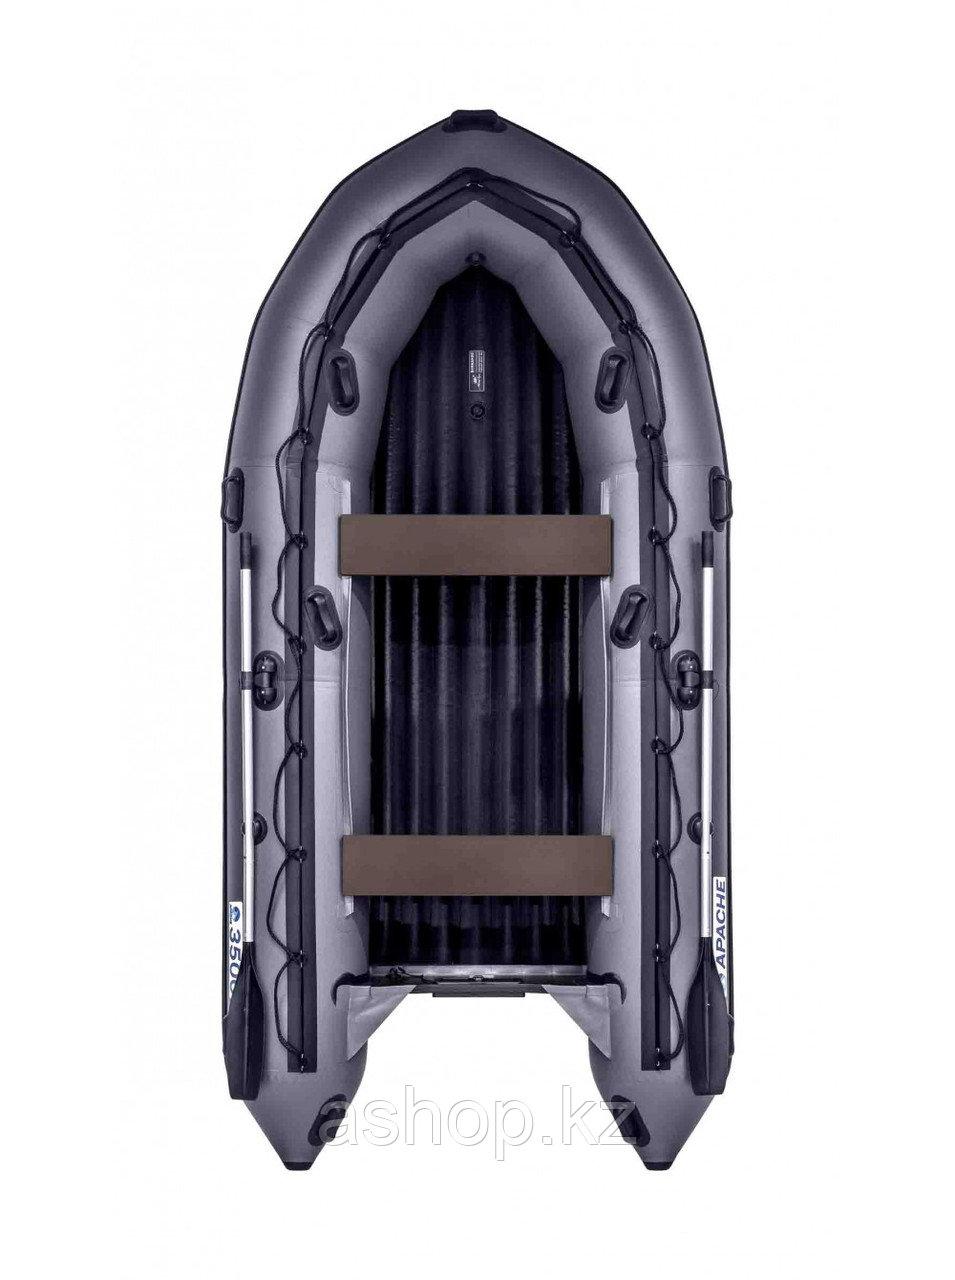 Лодка надувная моторно-гребная килевая Apache 3500 НДНД, Грузоподъемность: 650кг, Вместимость: 4 чел., Кол-во